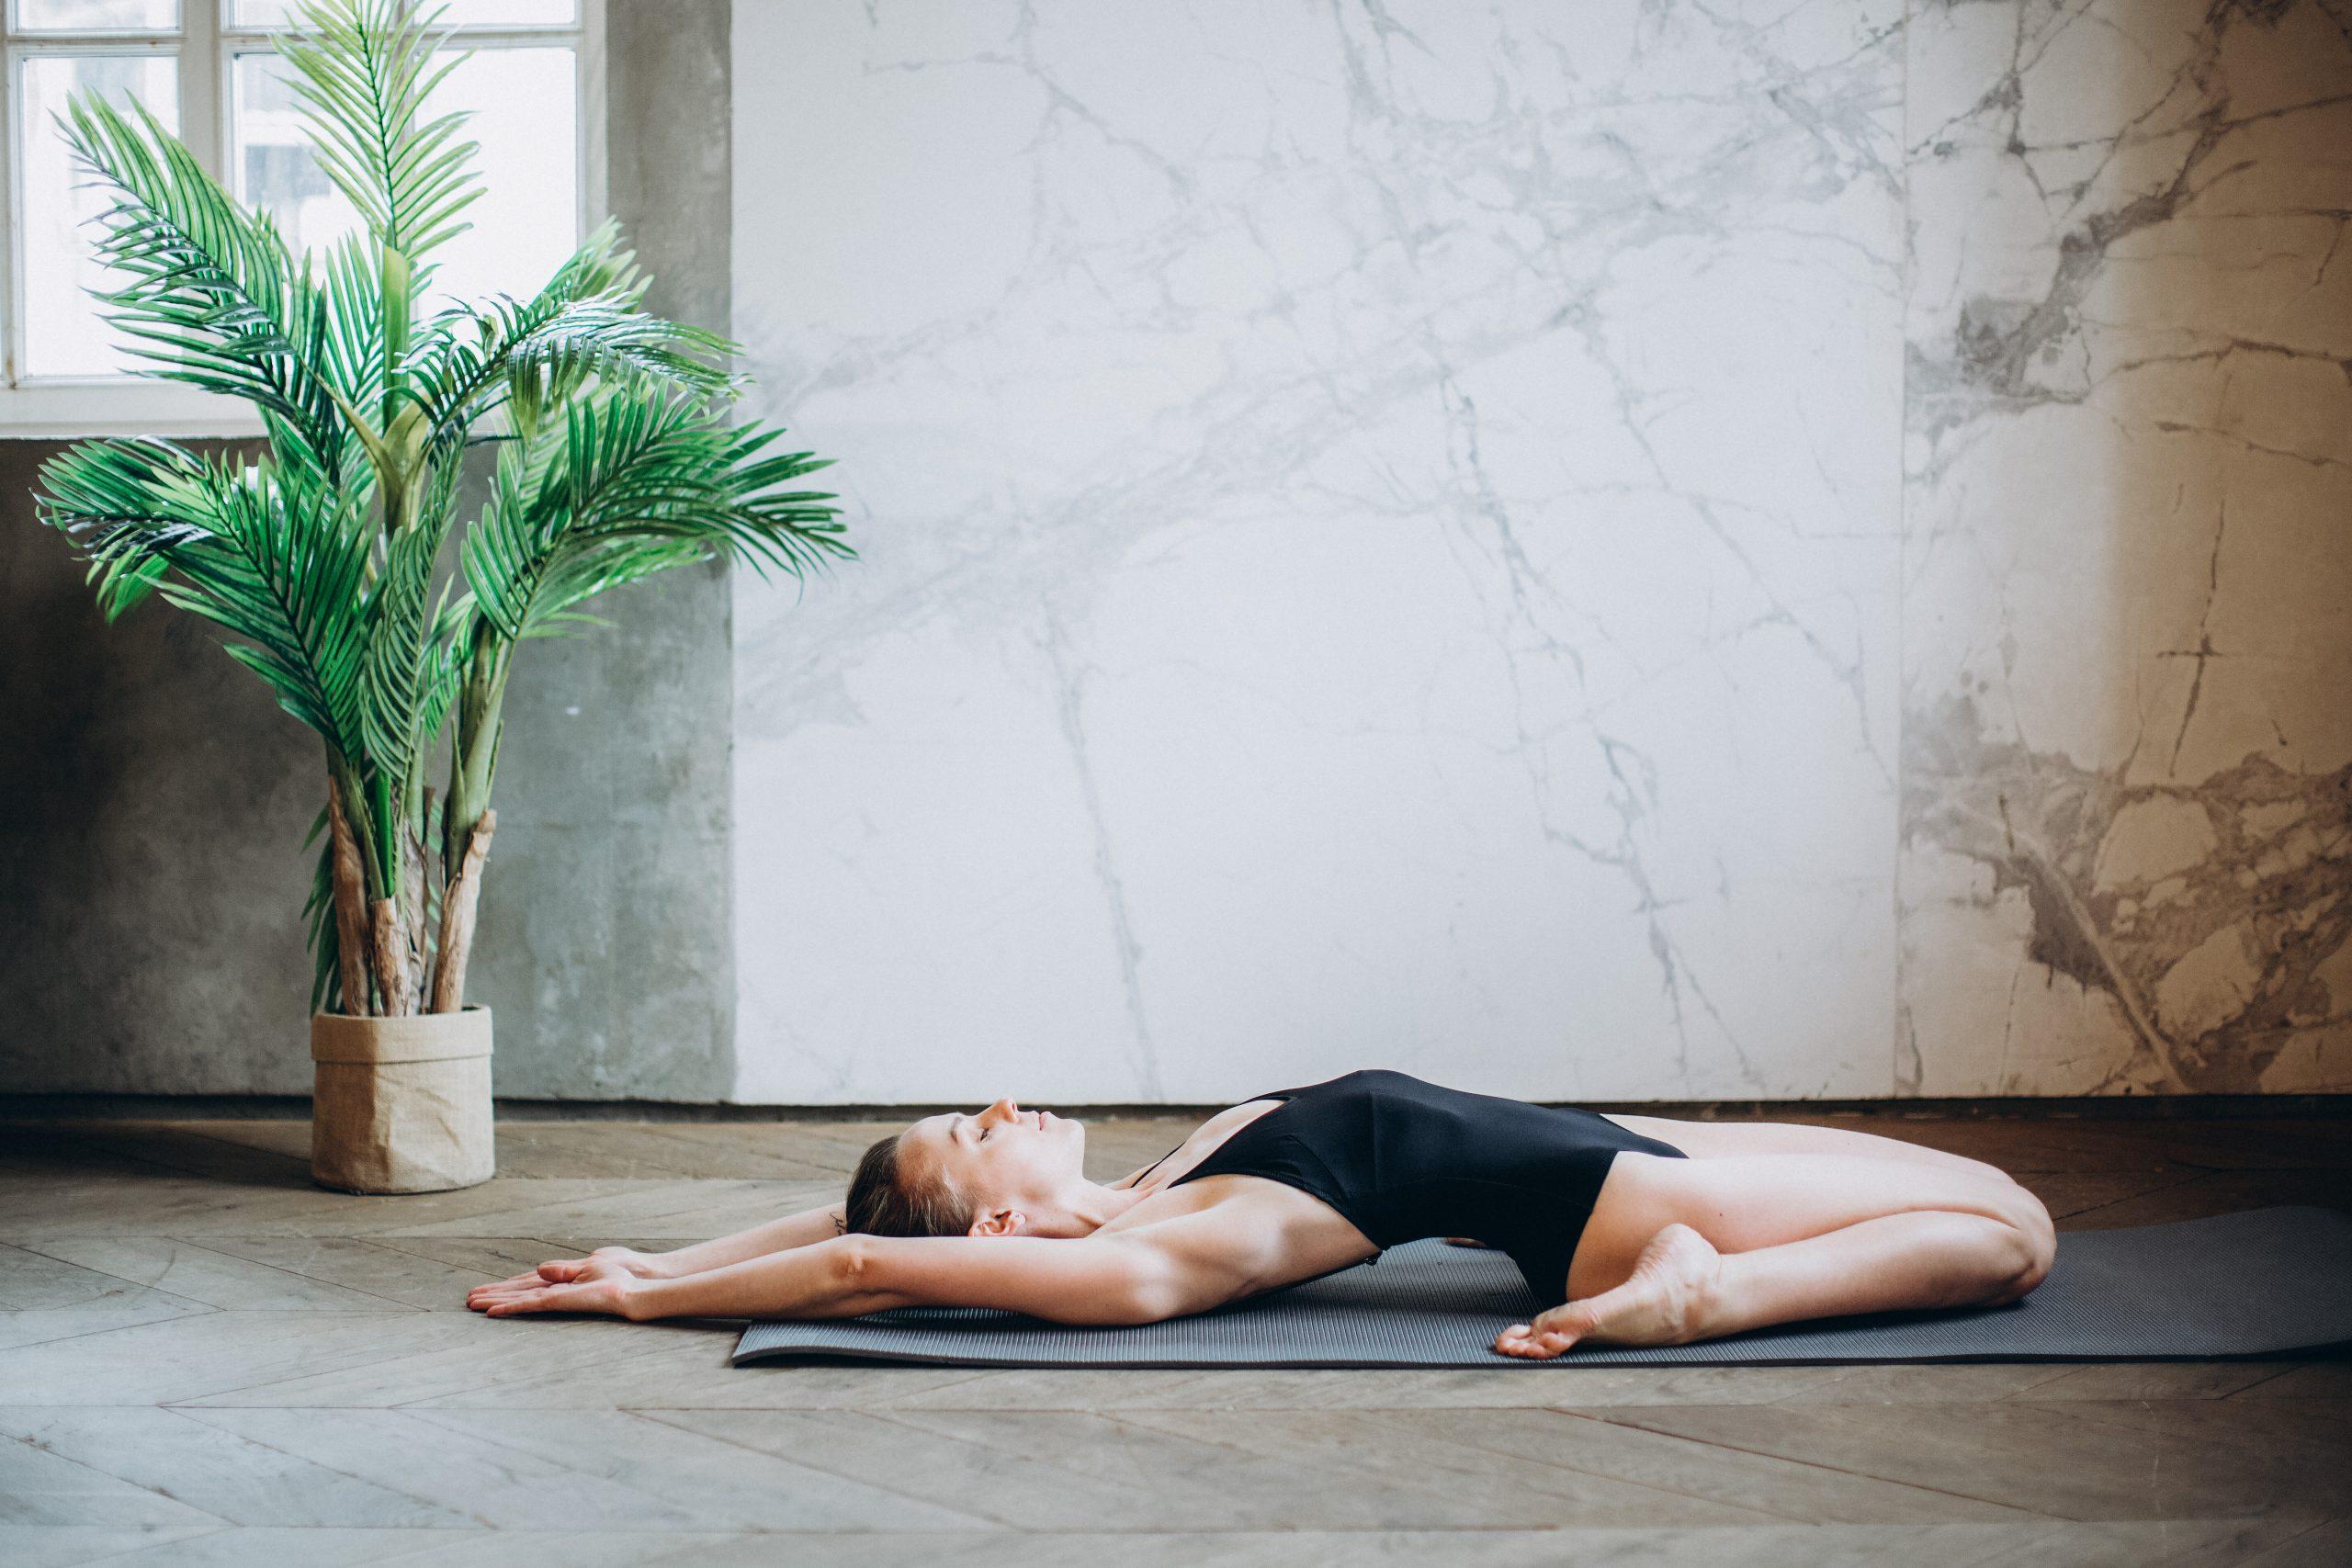 Why I Yoga - self healing